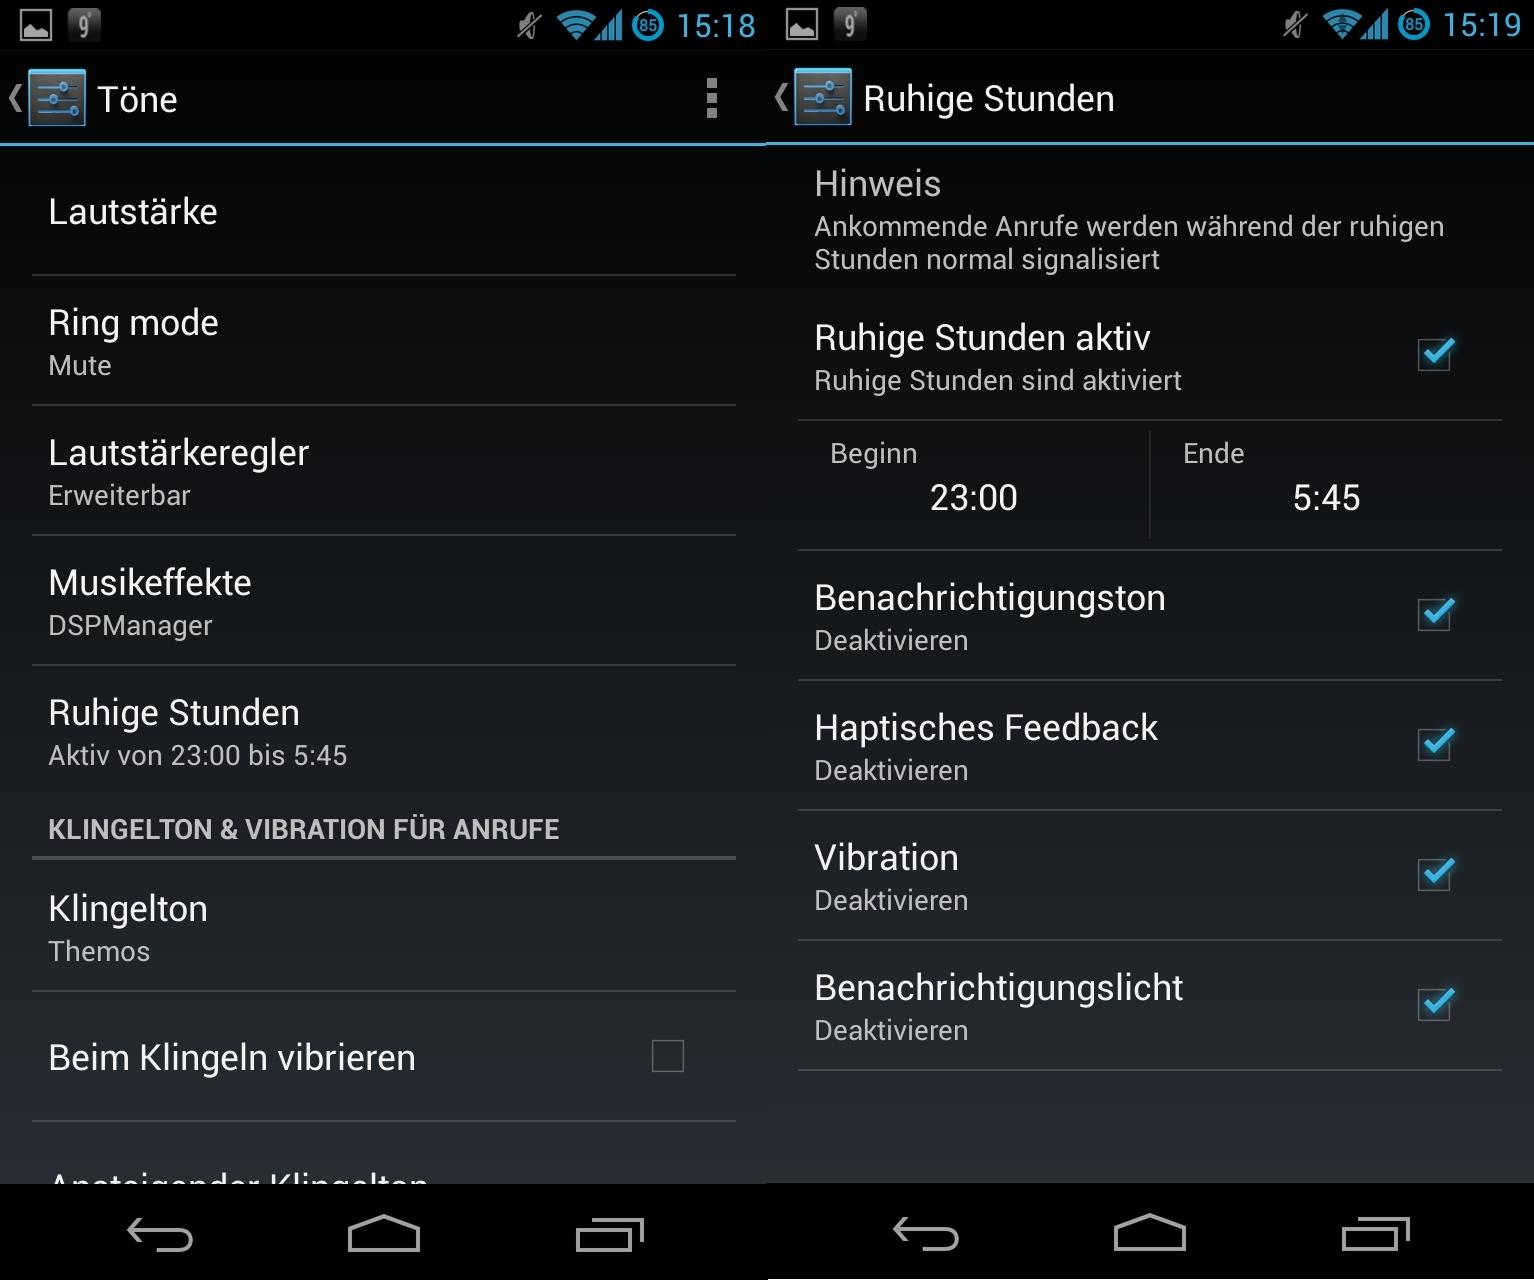 """Last but not least bietet CyanogenMod noch etwas, was auch iPhone-Anwender kennen. Was unter iOS \""""Nicht stören\"""" heißt, nennt sich unter CyanogenMod 10.1 \""""Ruhige Stunden\"""". Bis auf eingehende Gespräche lässt sich das Gerät zu bestimmten Zeiten damit ruhigstellen."""